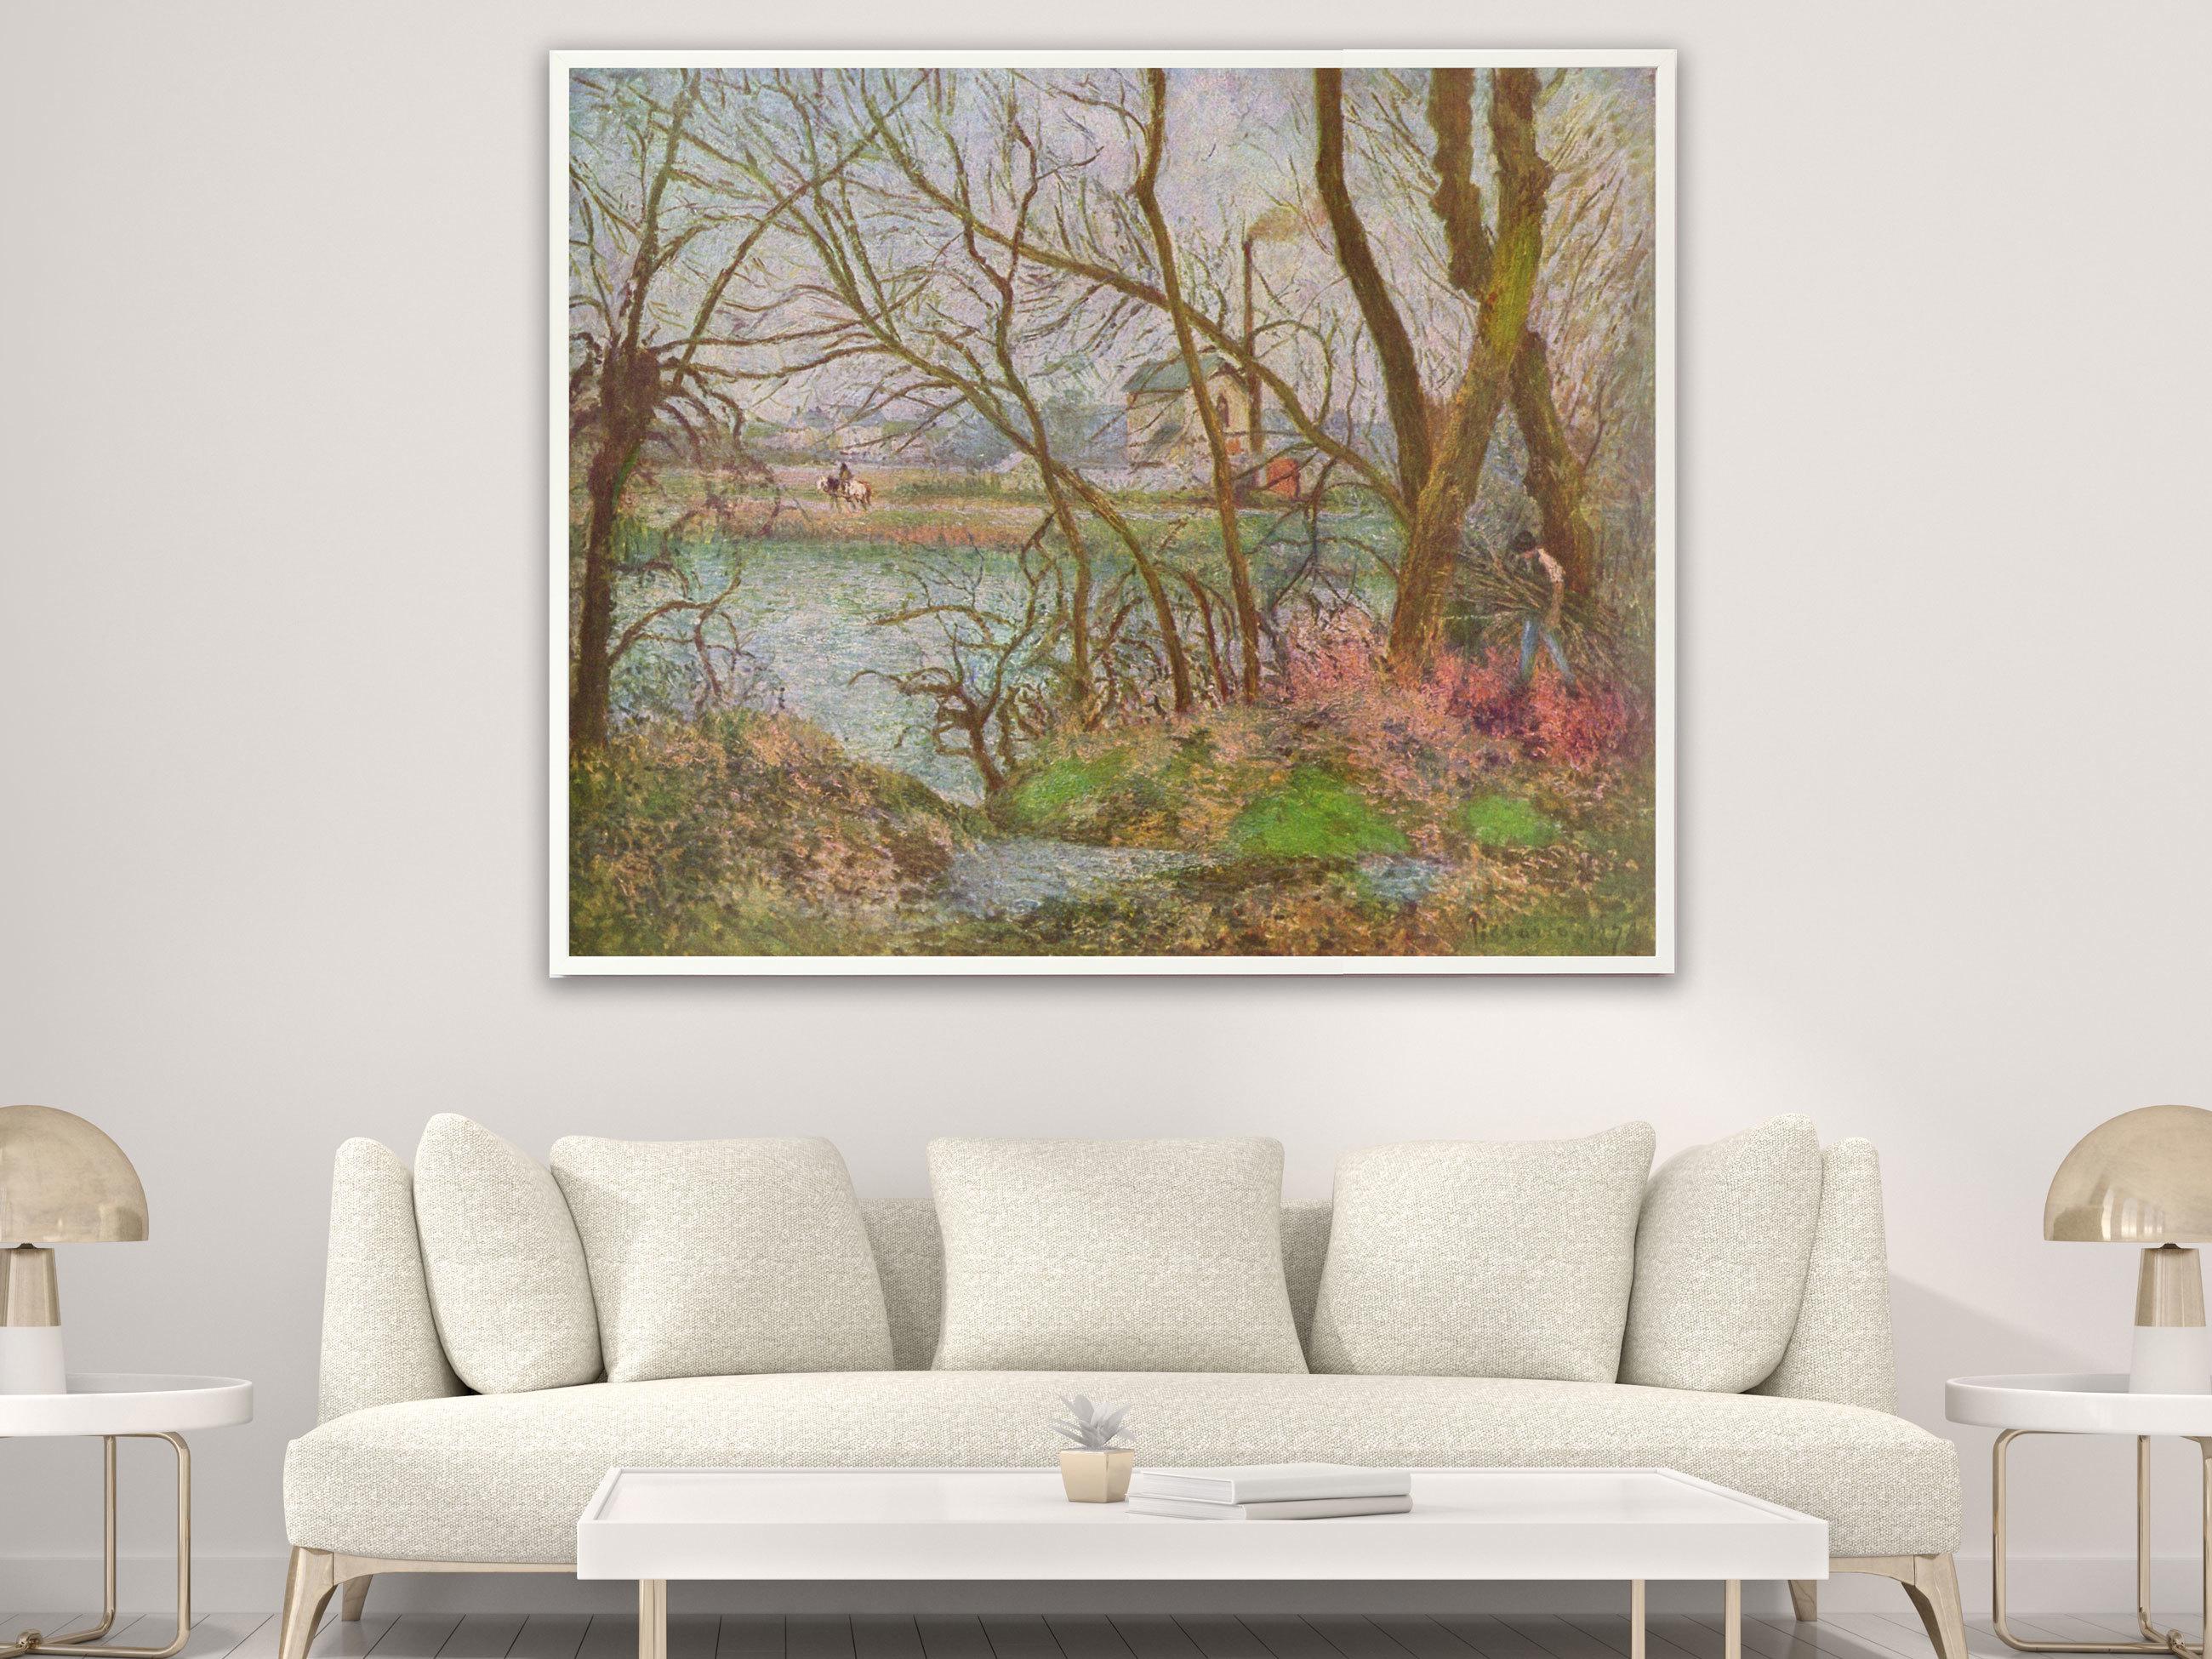 Camille Pissarro - Holzfäller von 1878, Bilderrahmen weiß